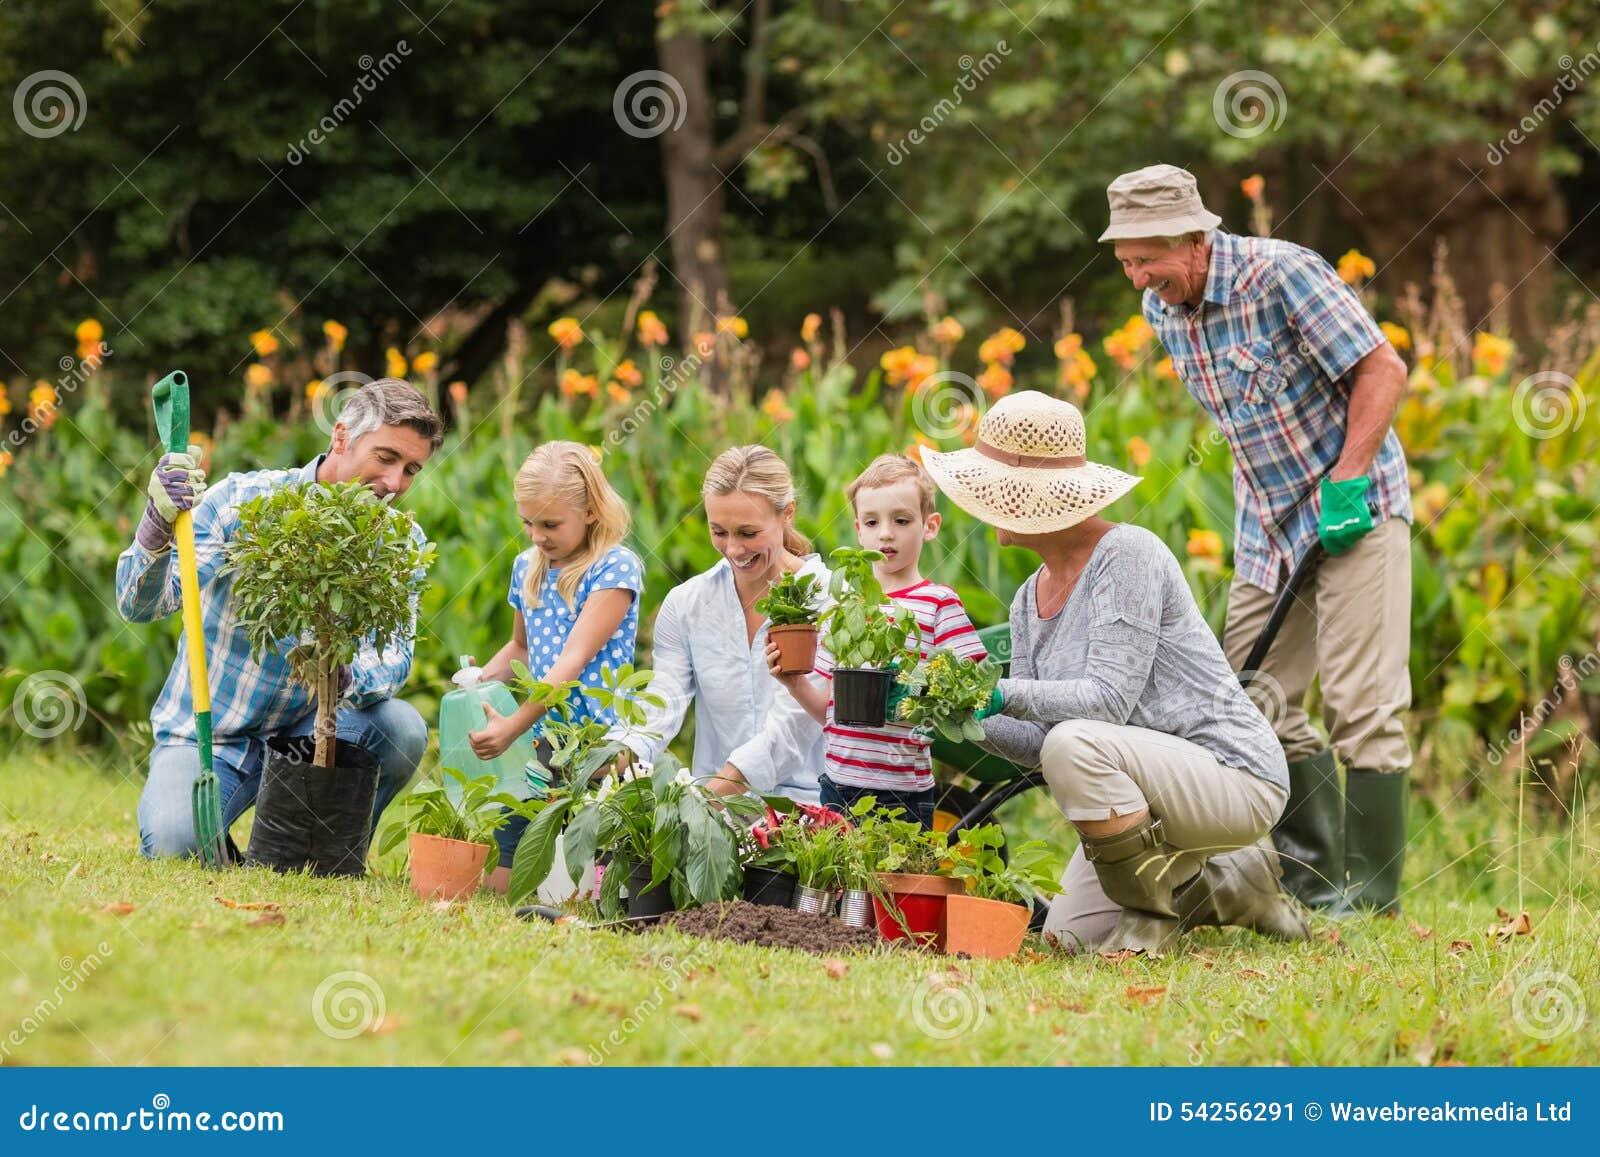 El cultivar un huerto feliz de la familia